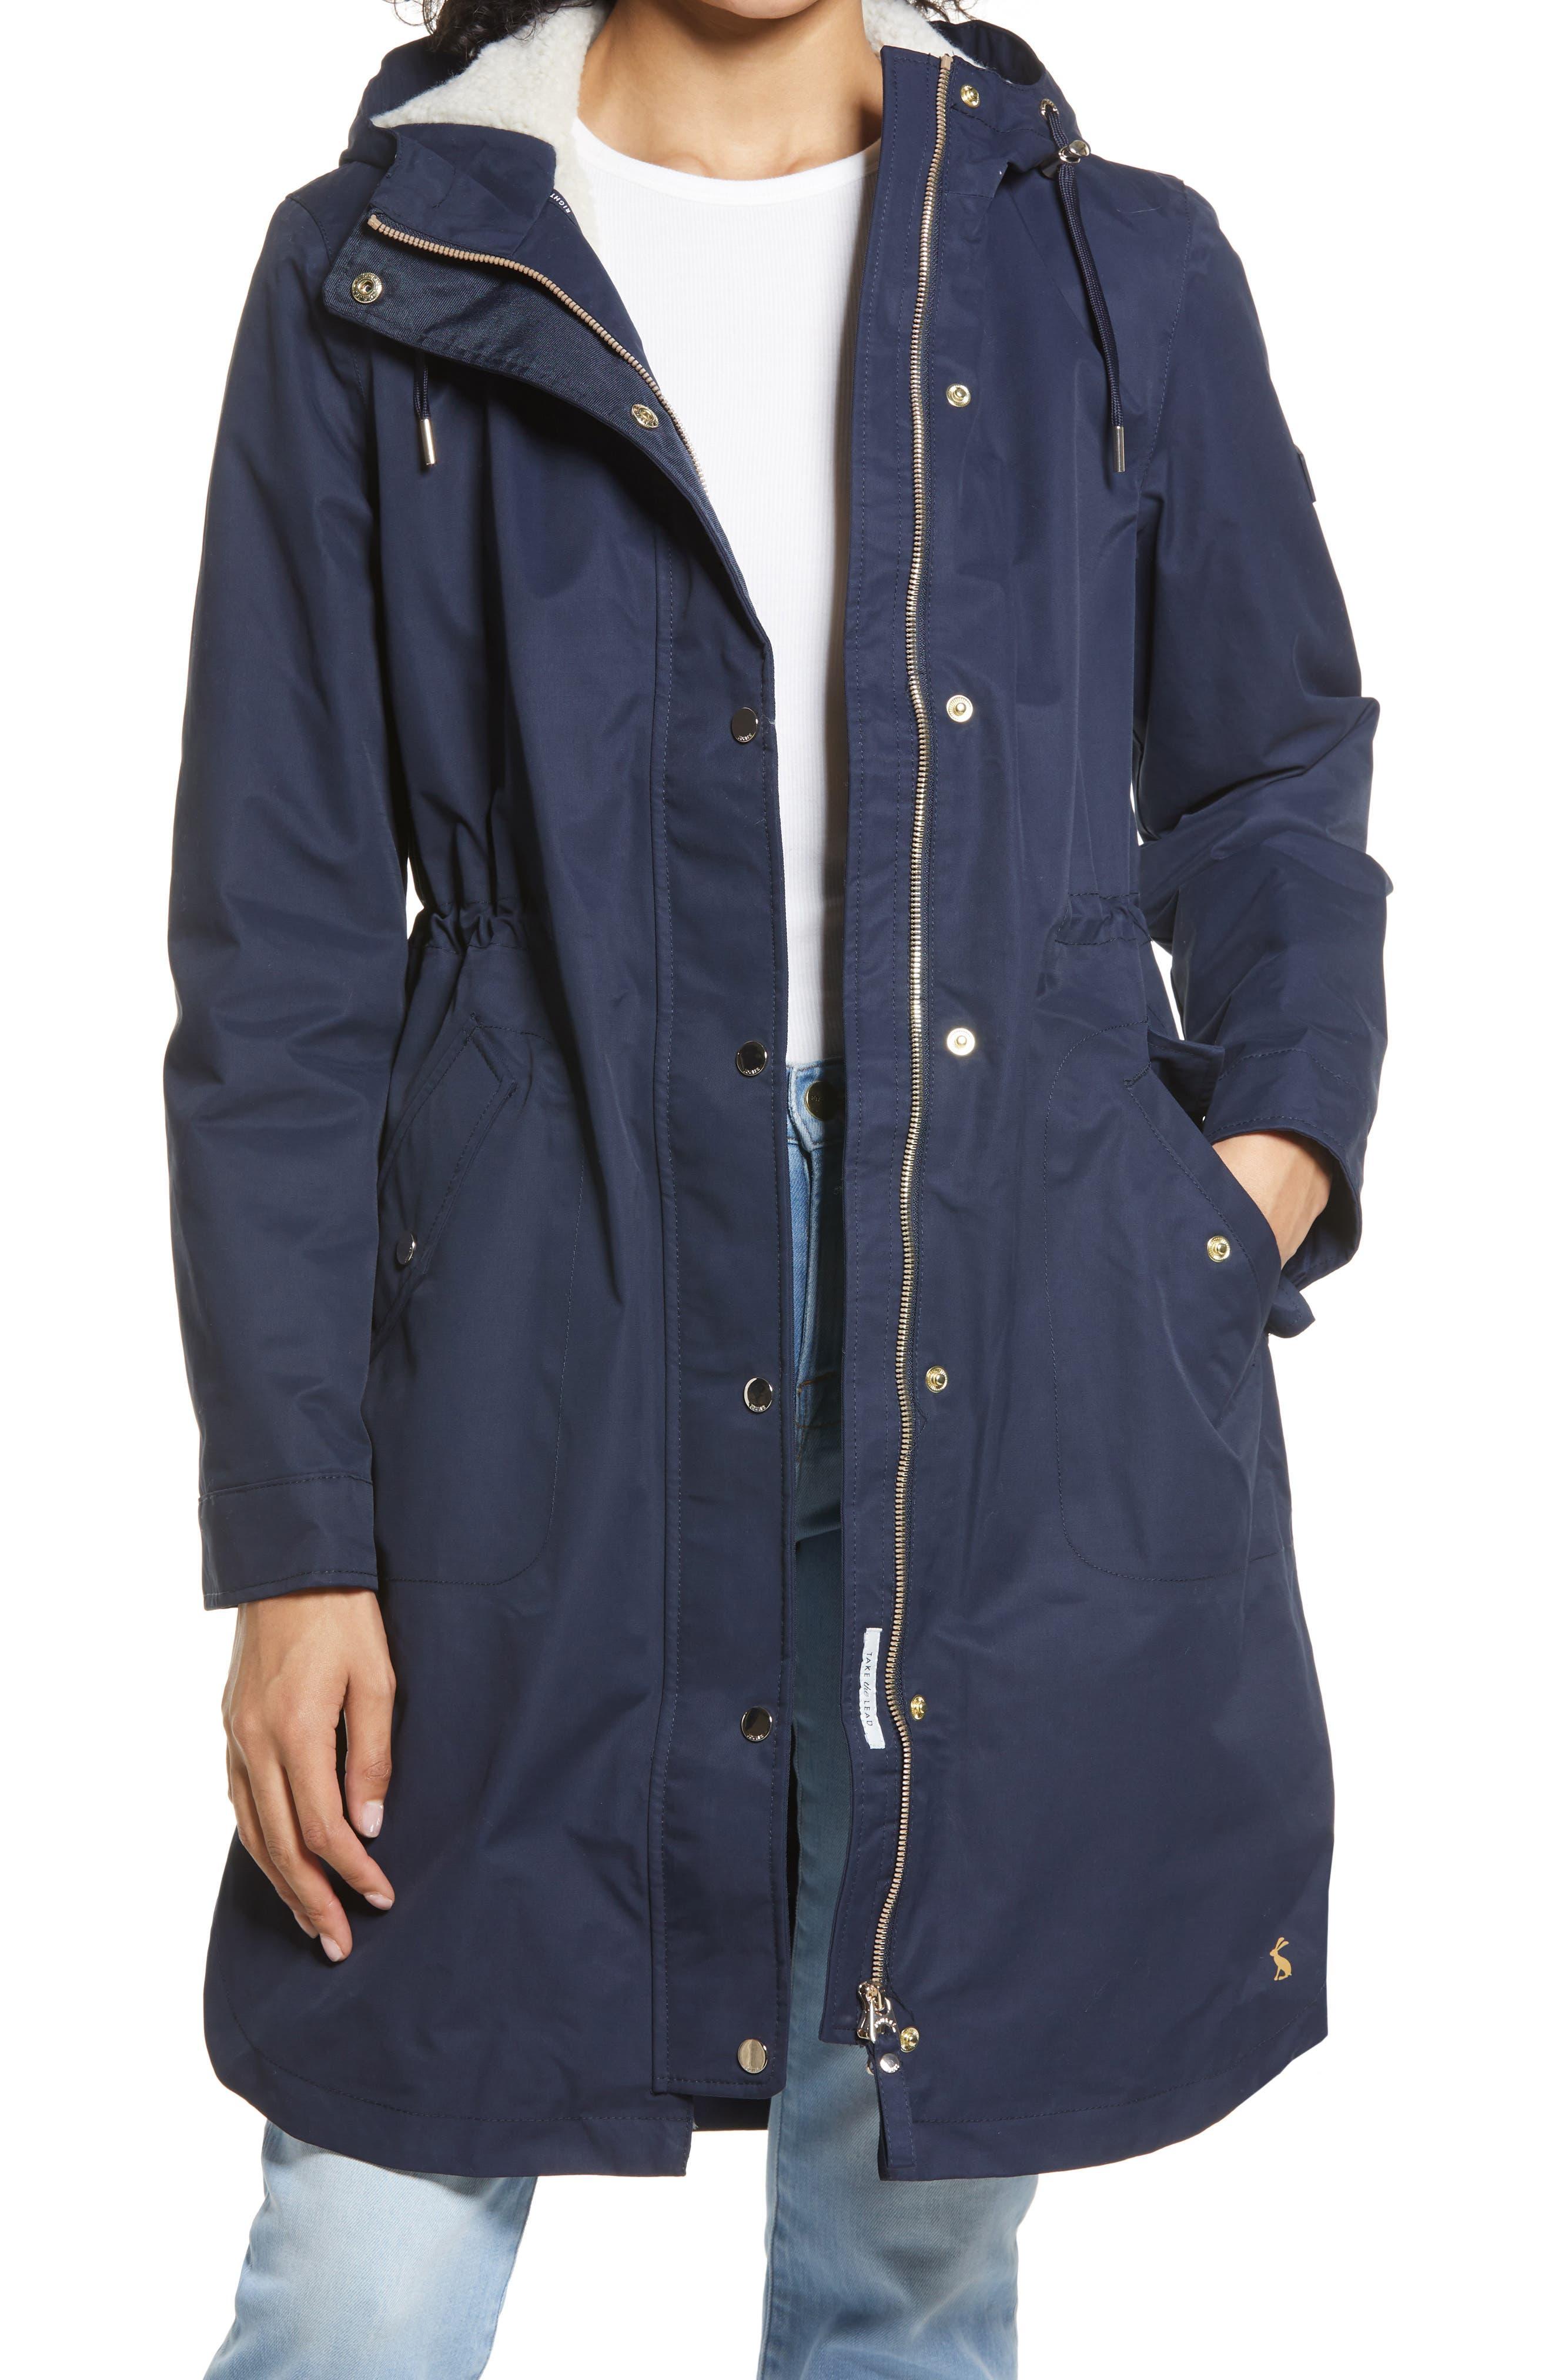 Loxley Waterproof Hooded Raincoat